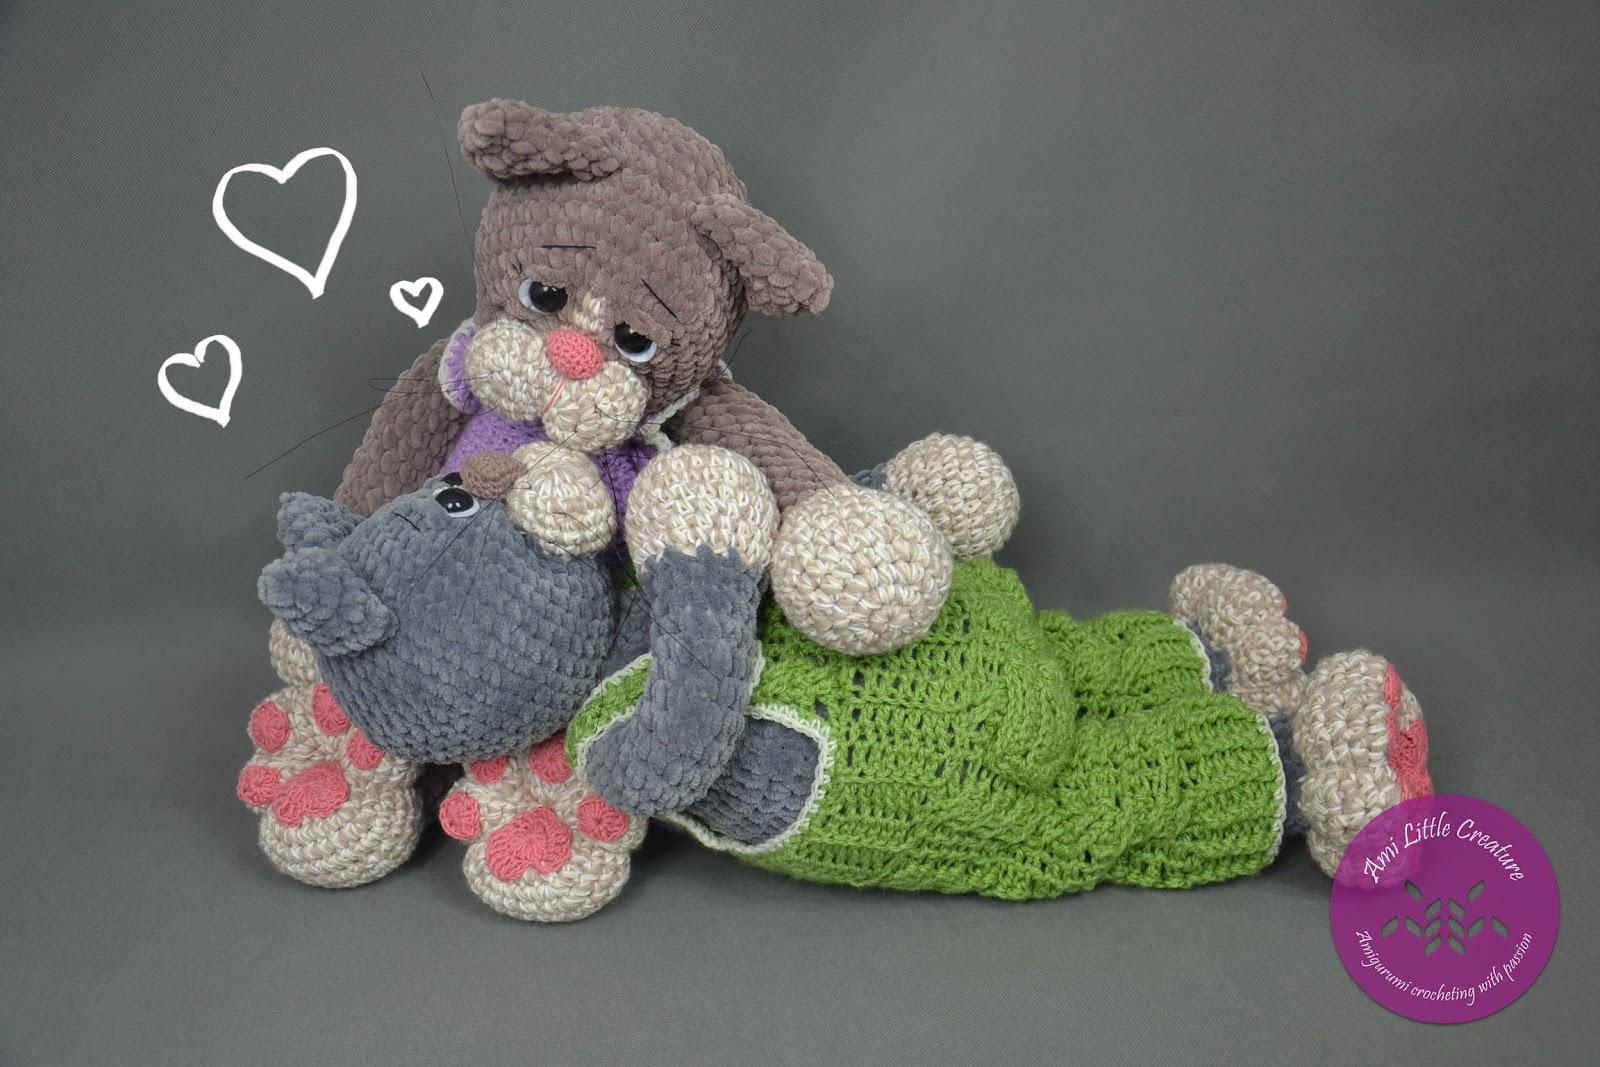 2000 Darmowe Wzory: amigurumi Wzór Cat Crochet na Stylowi.pl | 1067x1600